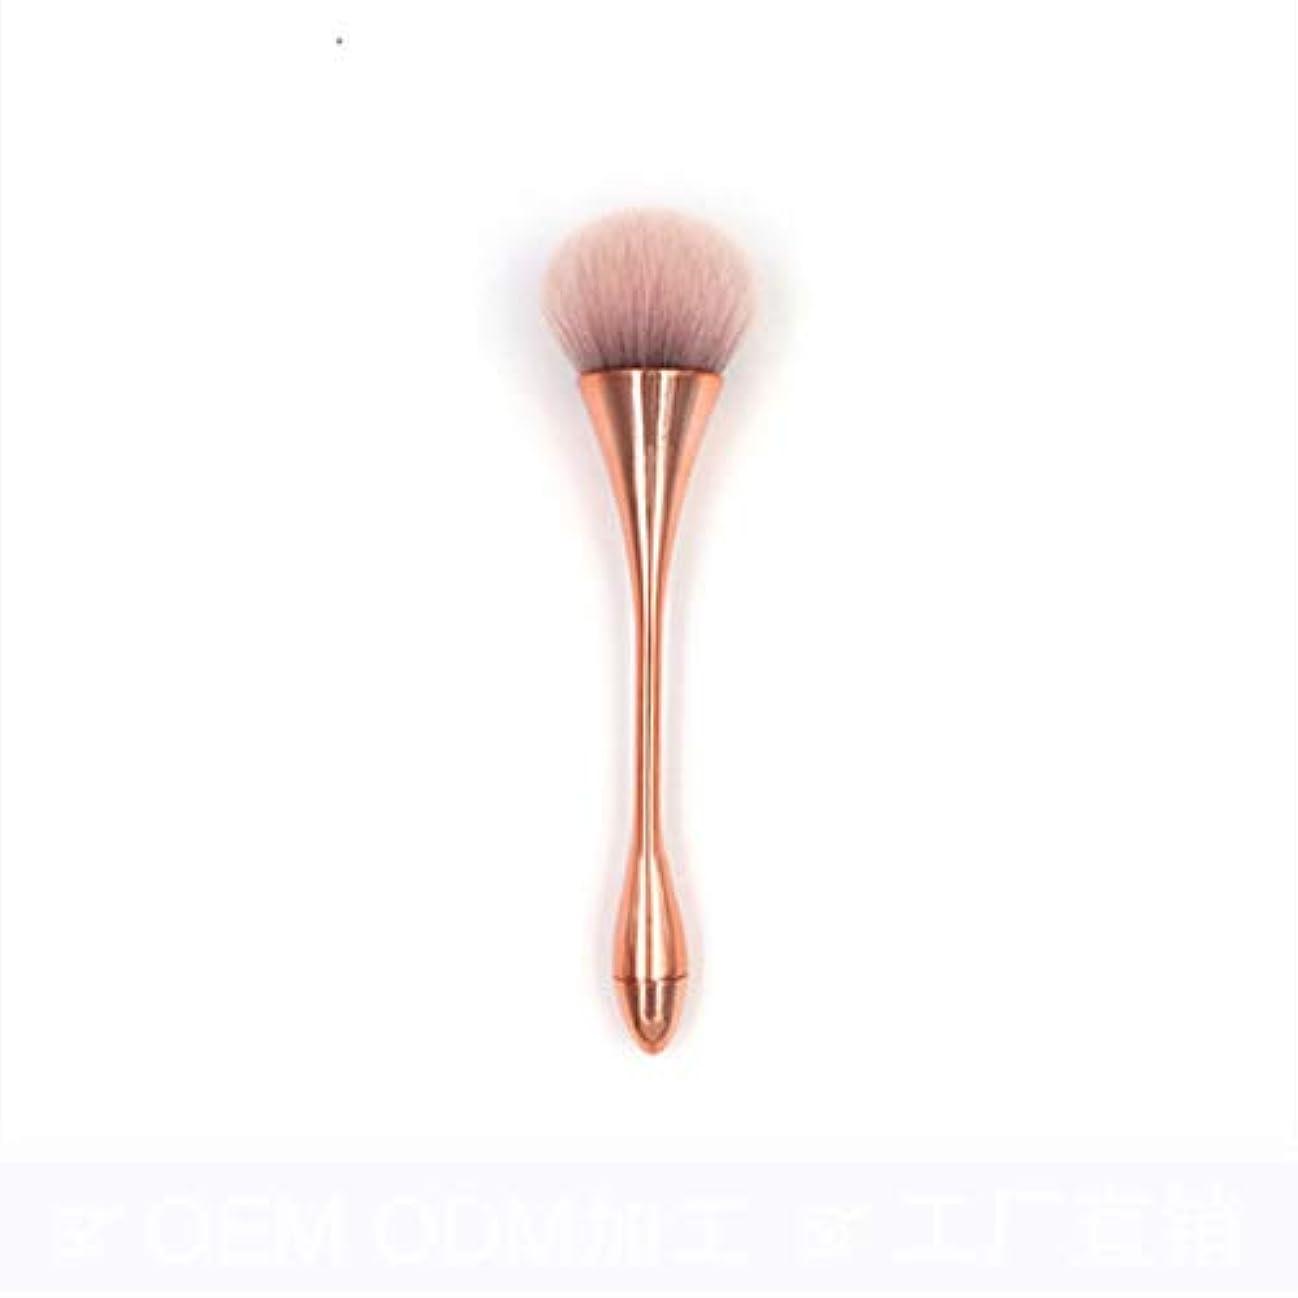 フォーラムモニカご覧くださいシングル美容ブラシ化粧ブラシ化粧道具アイシャドウブラシ